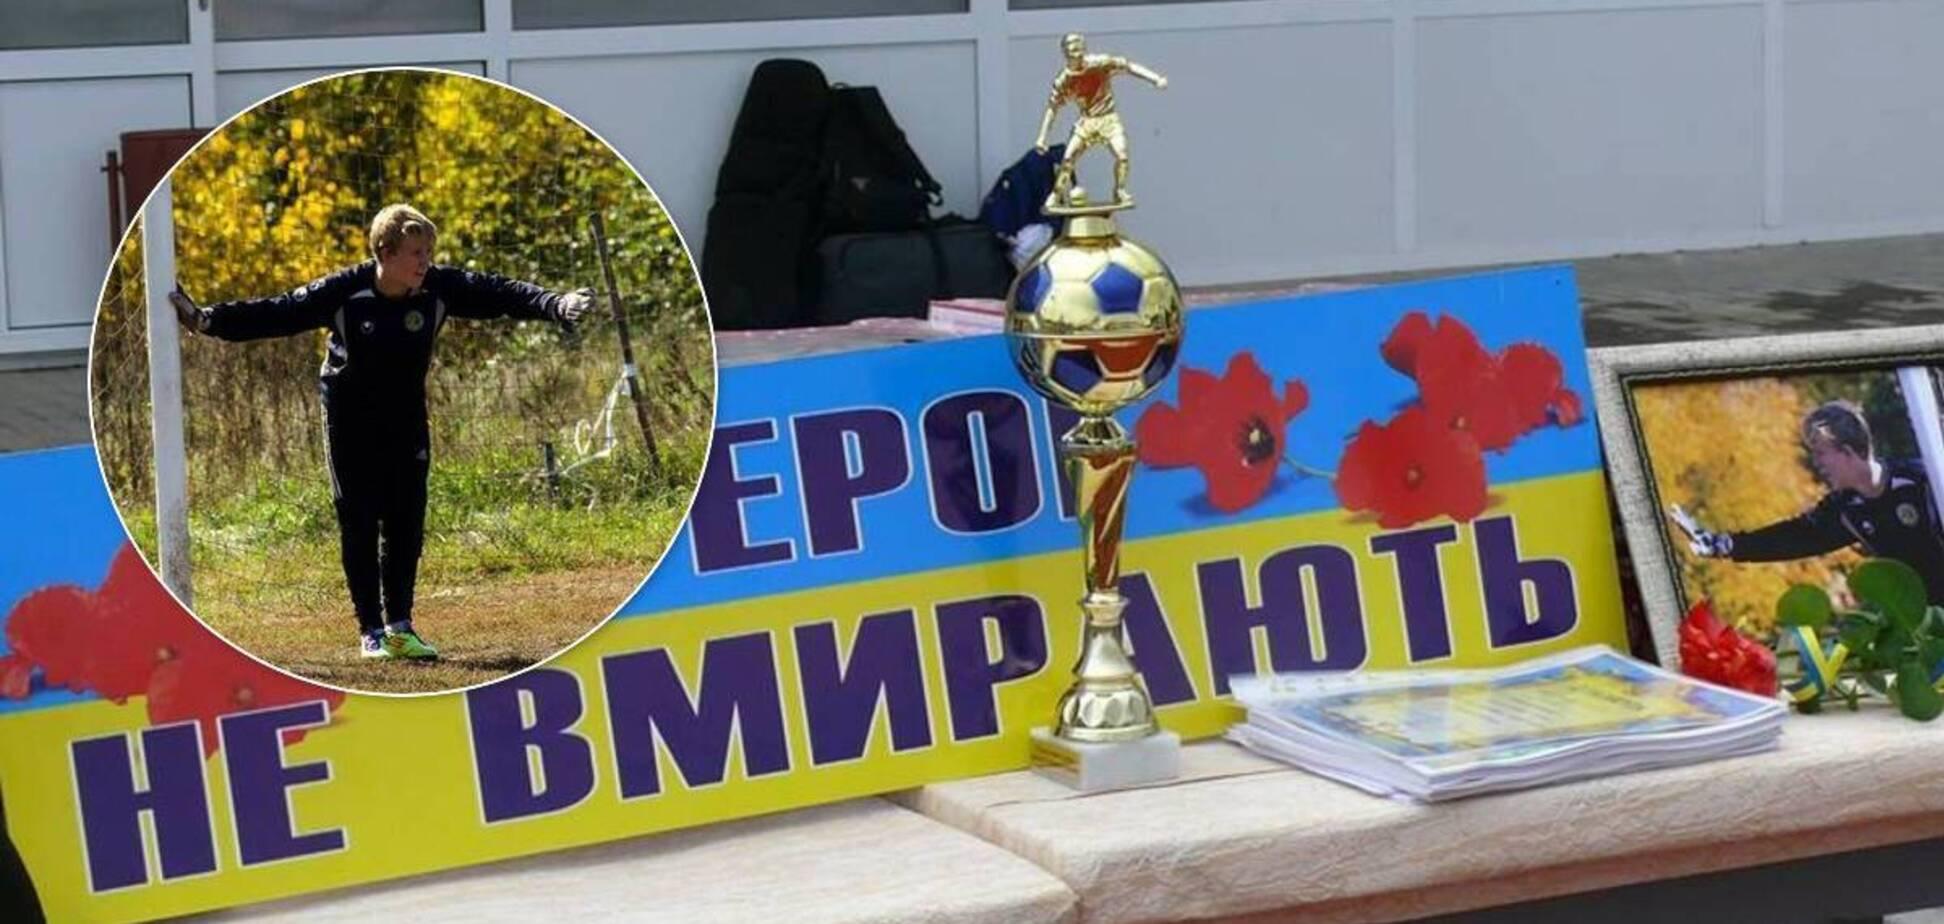 Украинского вратаря расстреляли в 'ДНР' за сине-желтый флаг: 7 лет трагедии